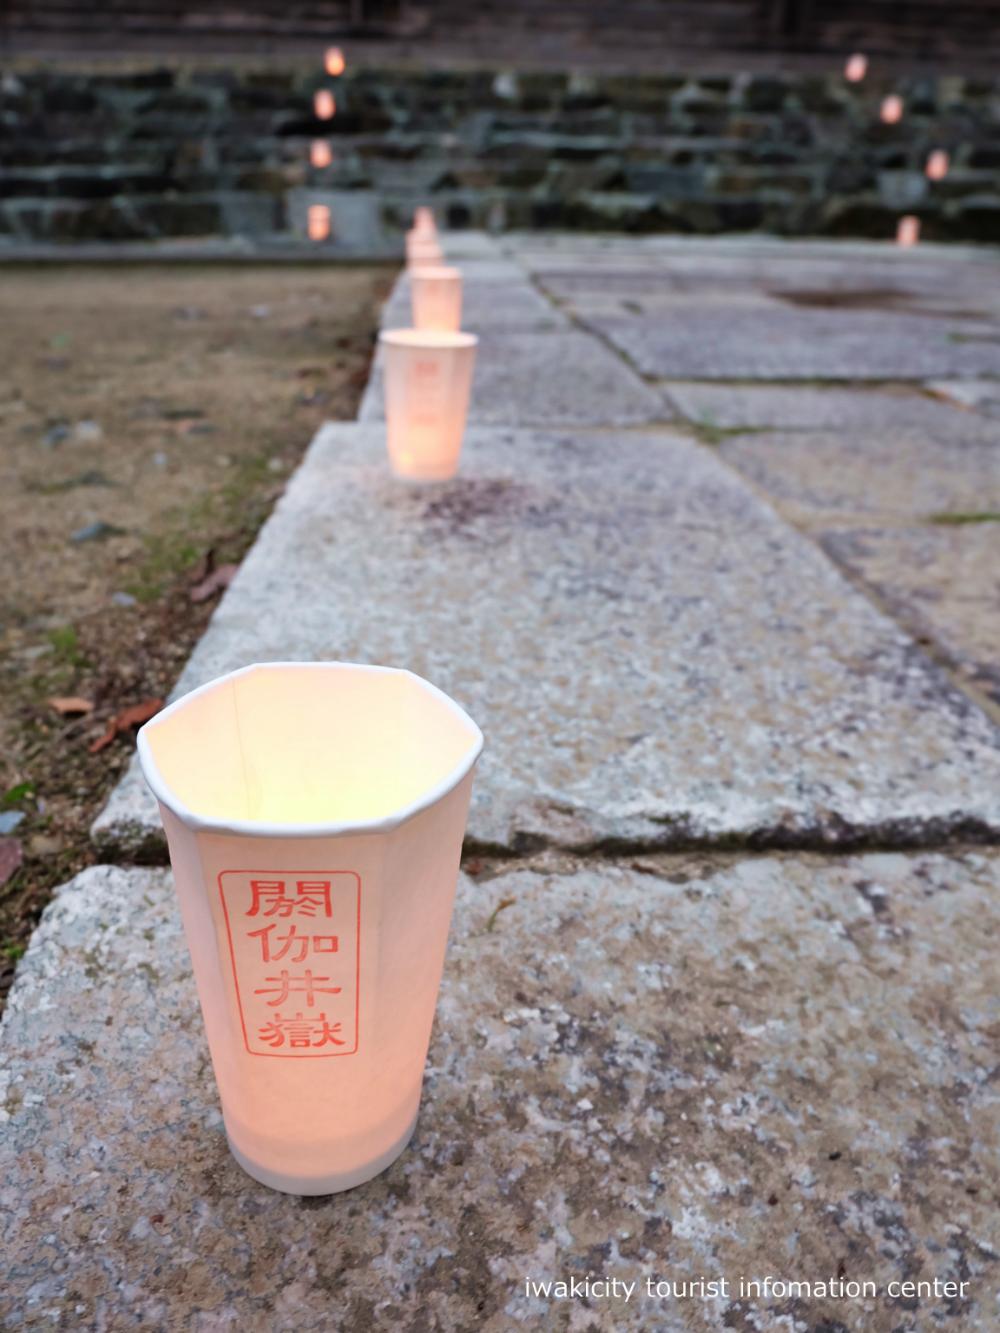 赤井嶽常福寺夏大祭「柴燈大護摩」について [平成29年8月20日(日)更新]3